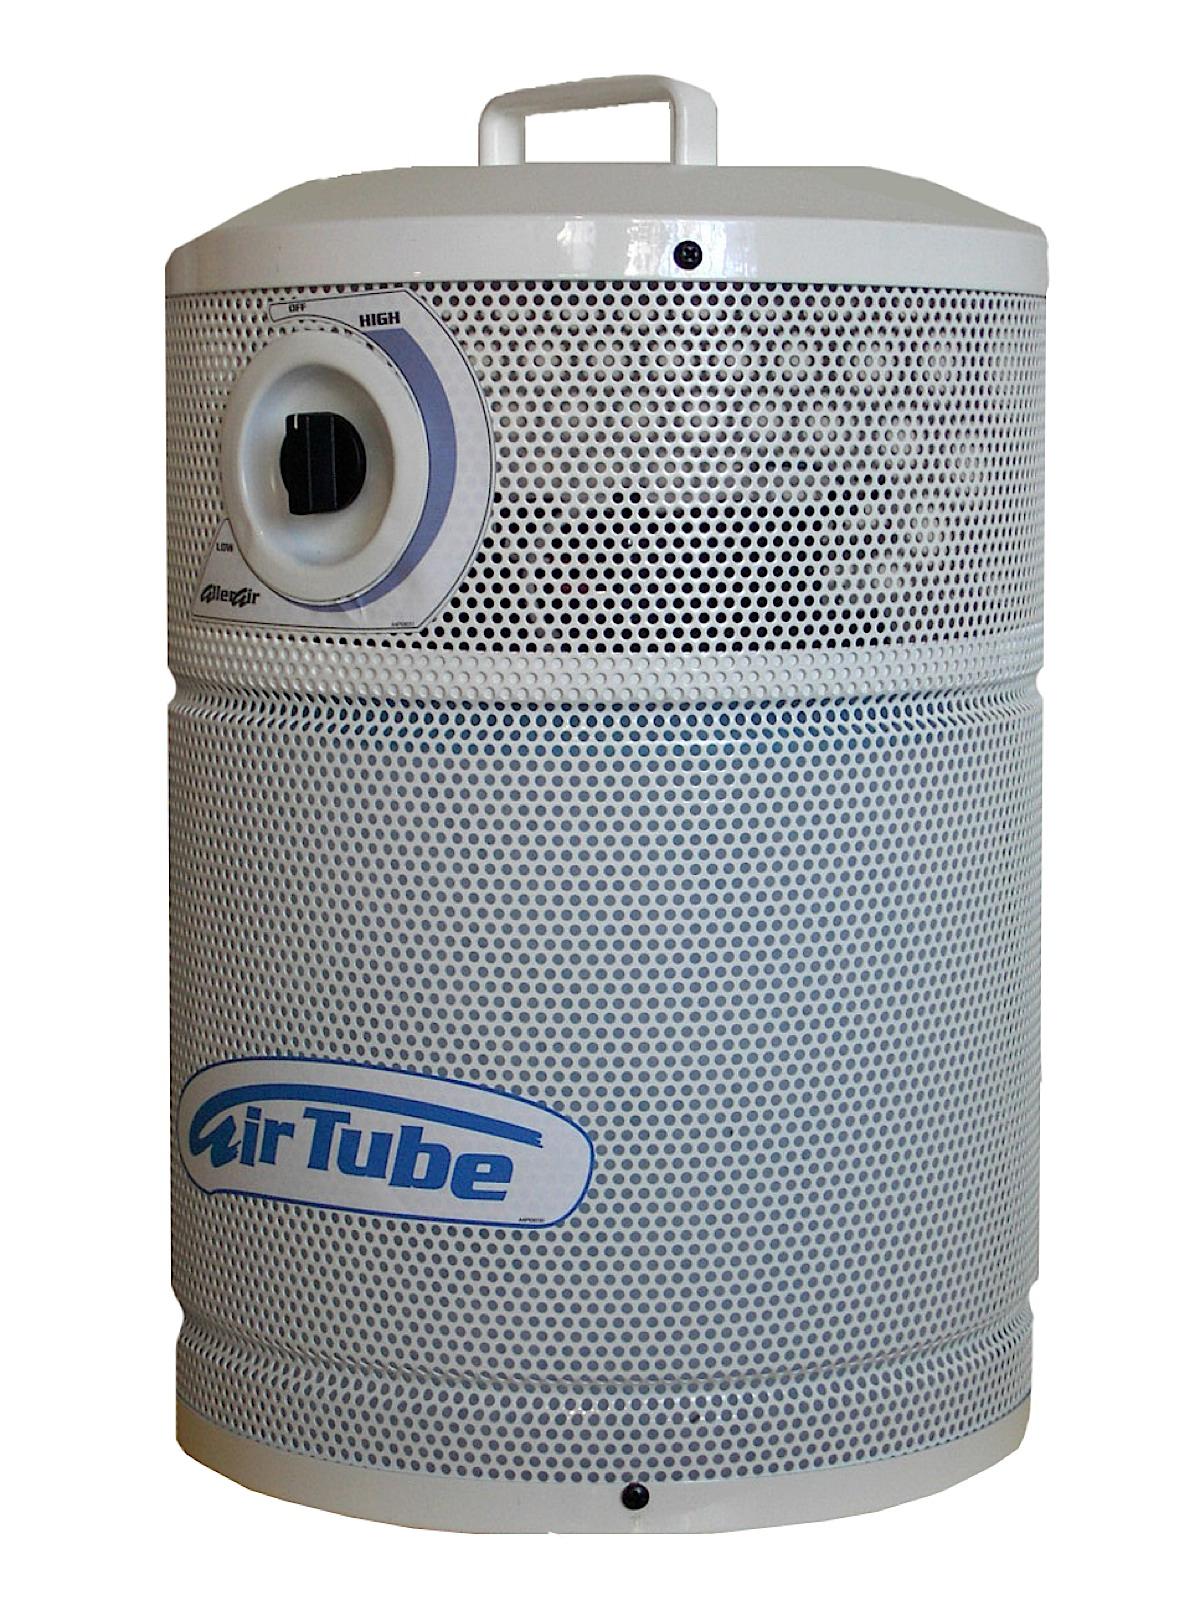 Air Tube -- Portable Air Purifier